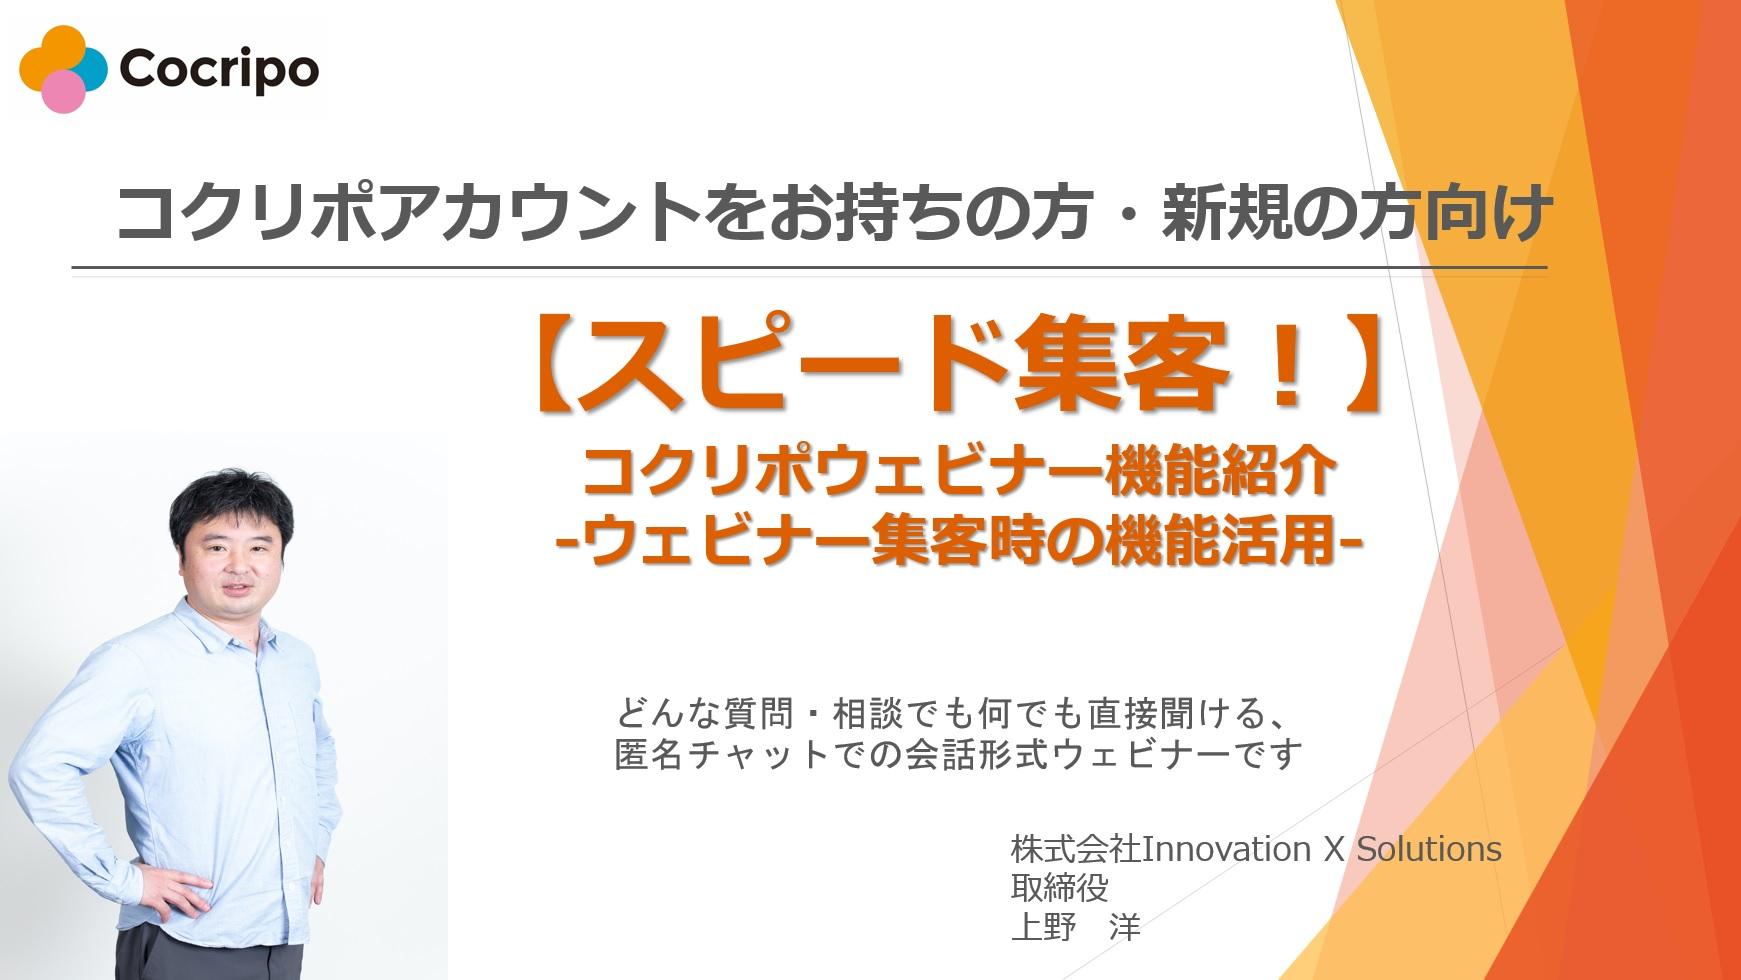 【スピード集客!】ウェビナー開催時の機能紹介ウェビナー